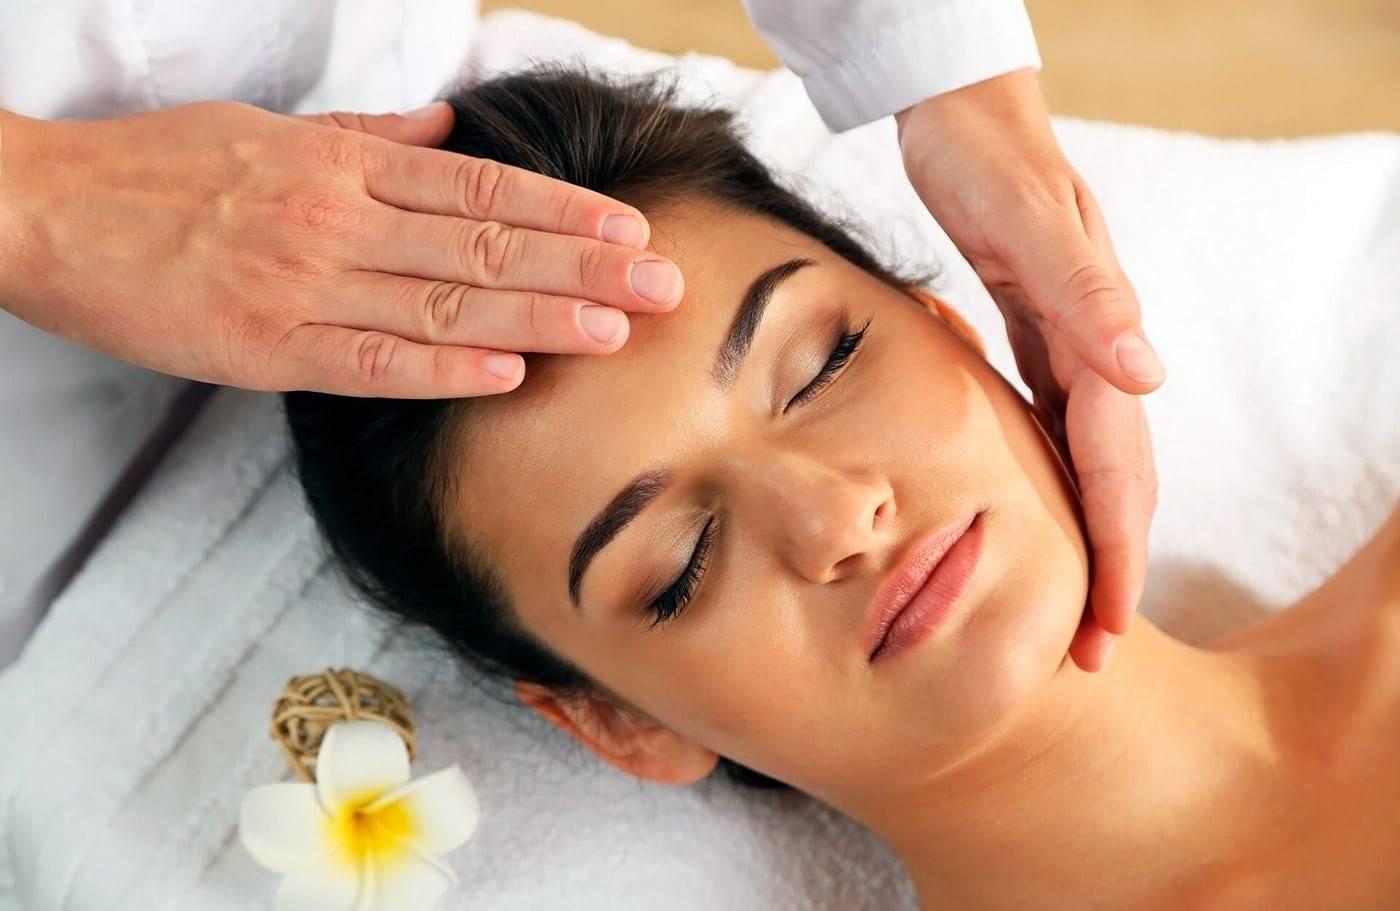 Применение ультразвукового массажа для омоложения